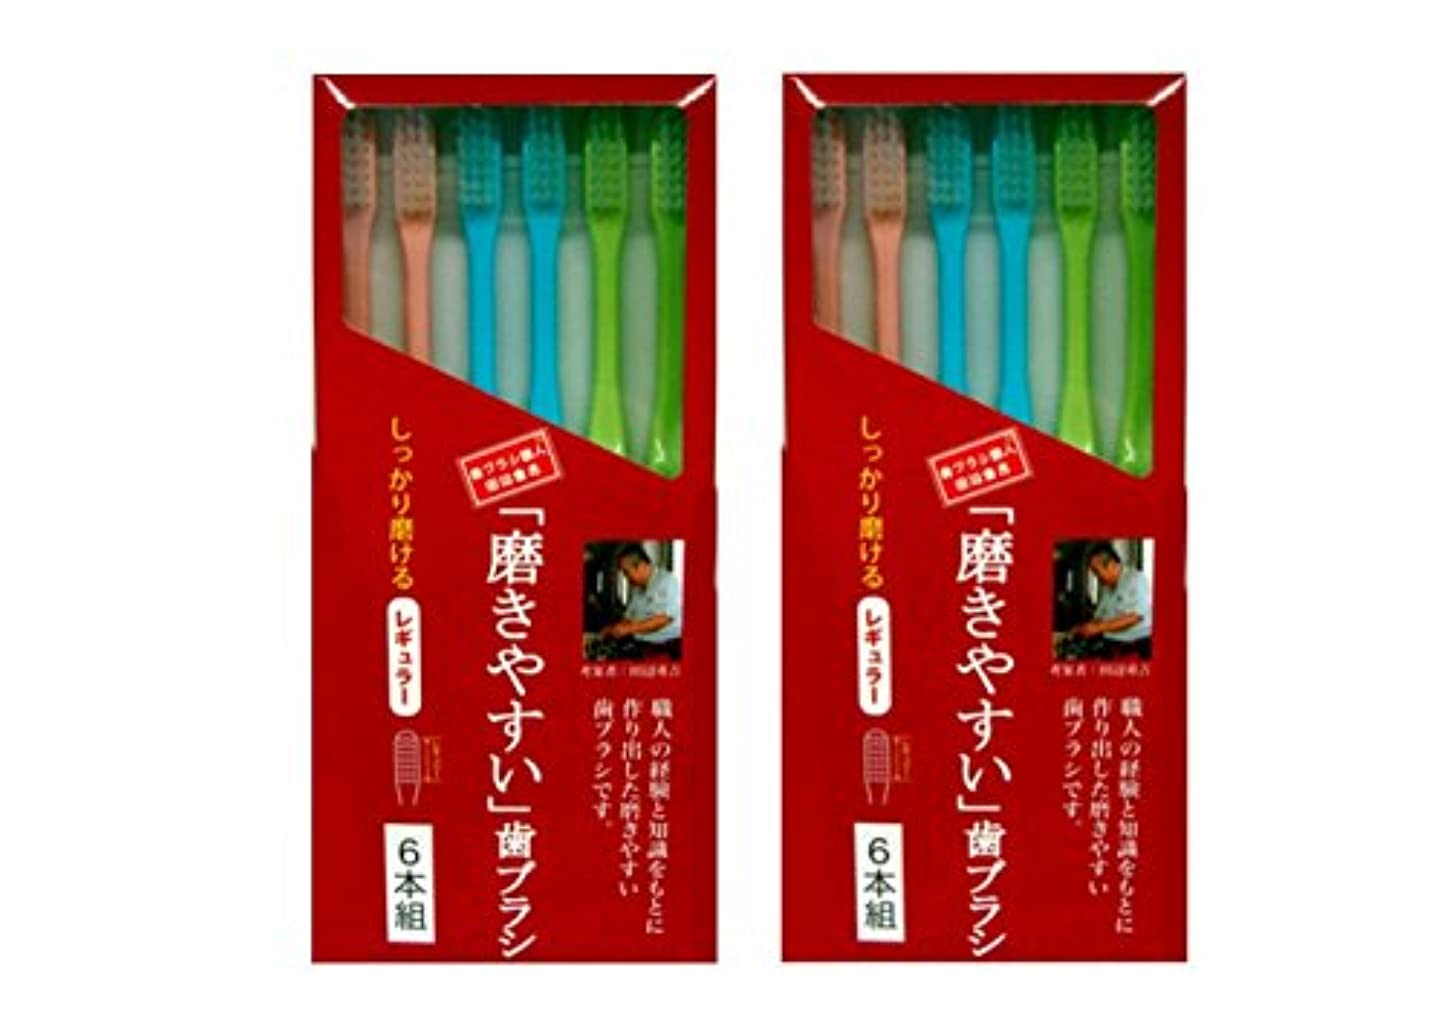 バージン裁量知事磨きやすい歯ブラシ 6本組 レギュラータイプ×2個セット